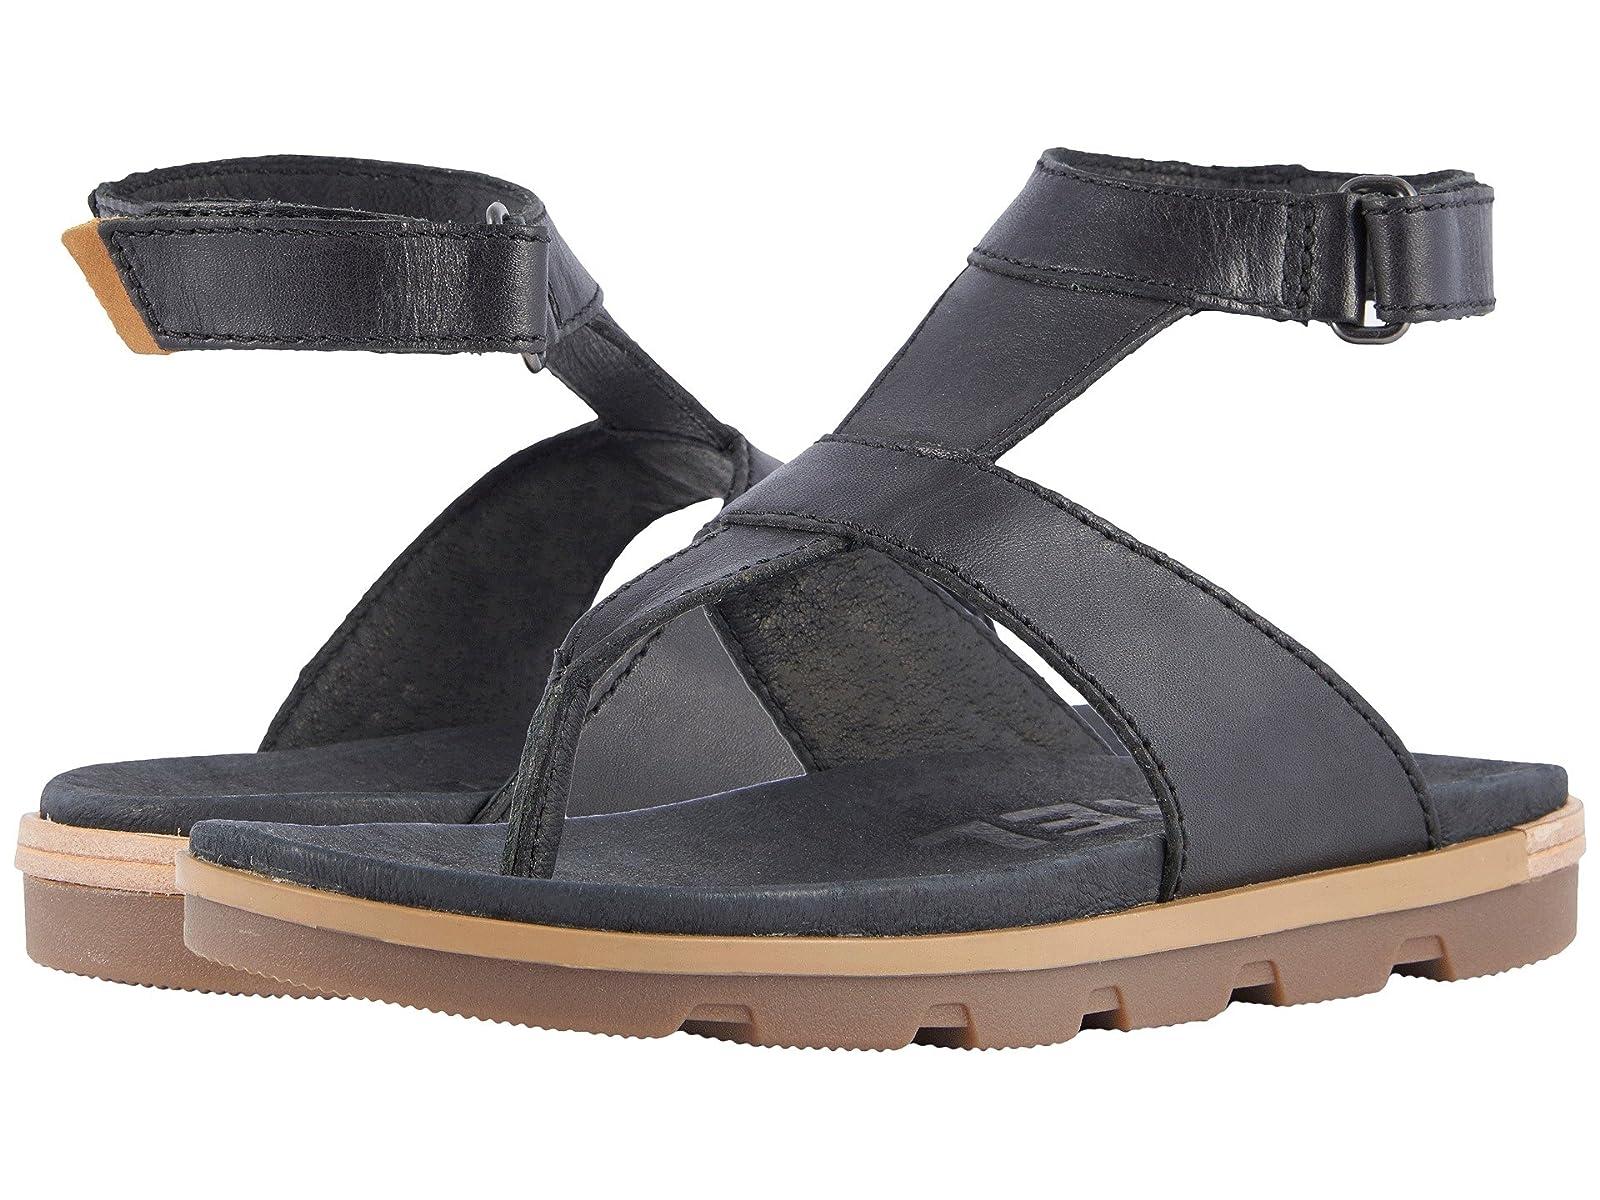 SOREL Torpeda Ankle StrapAtmospheric grades have affordable shoes